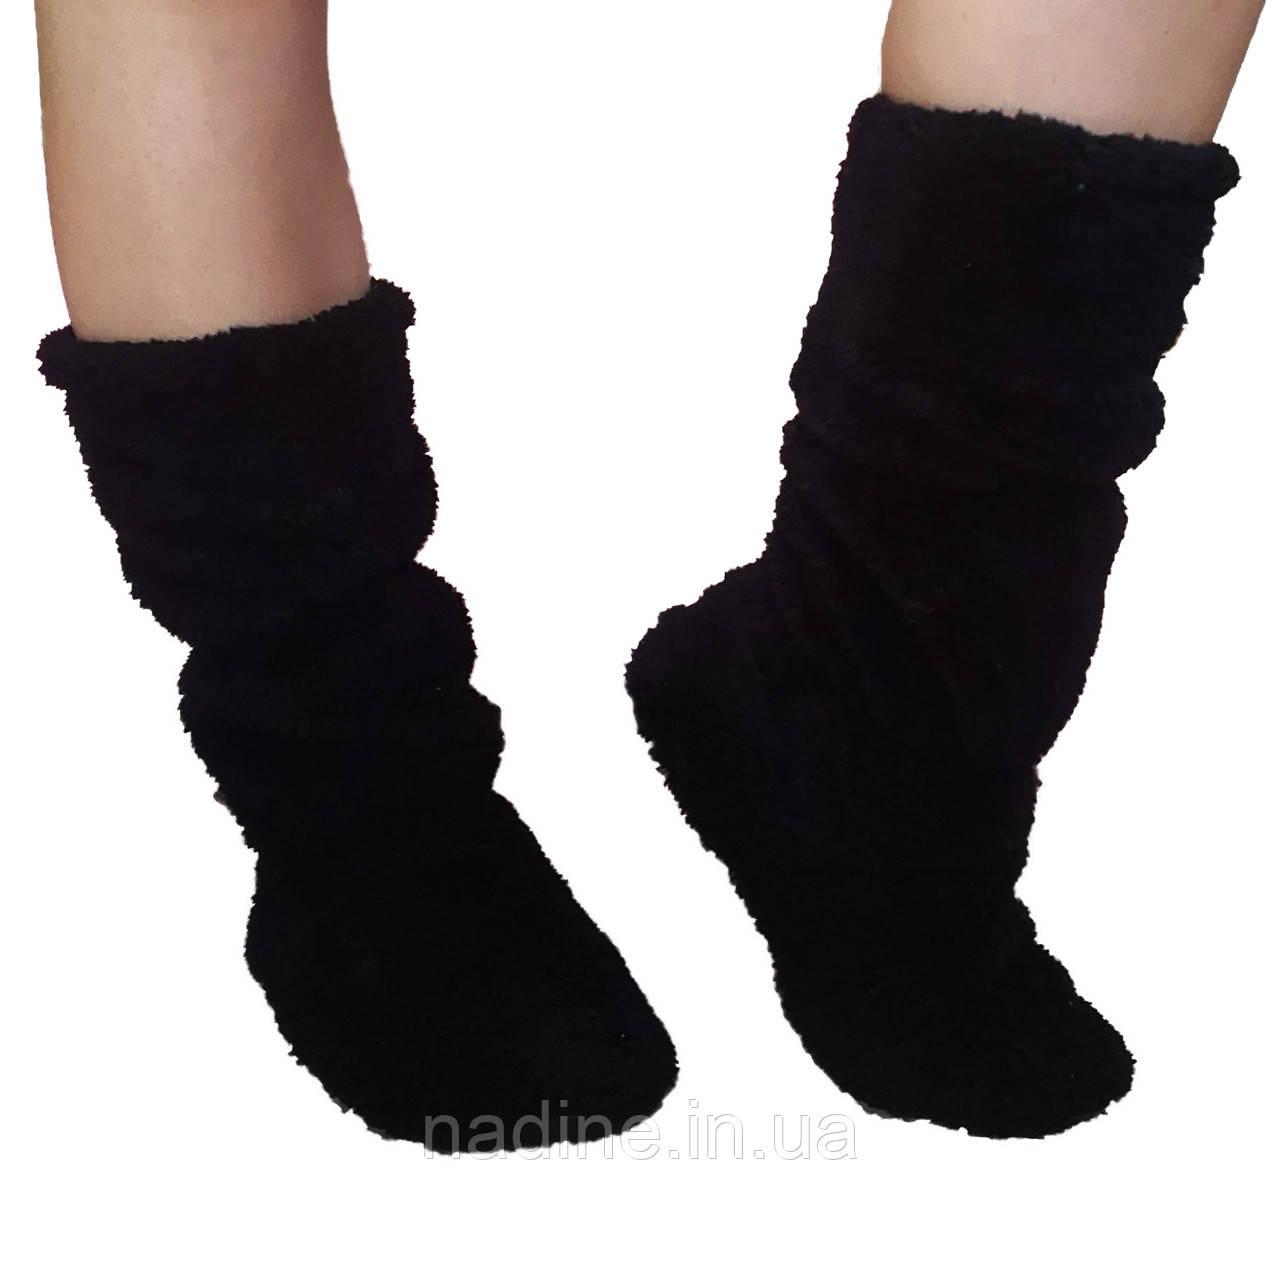 Домашні тапочки, чобітки Eirena Nadine (black S-574-35) чорні 23 см